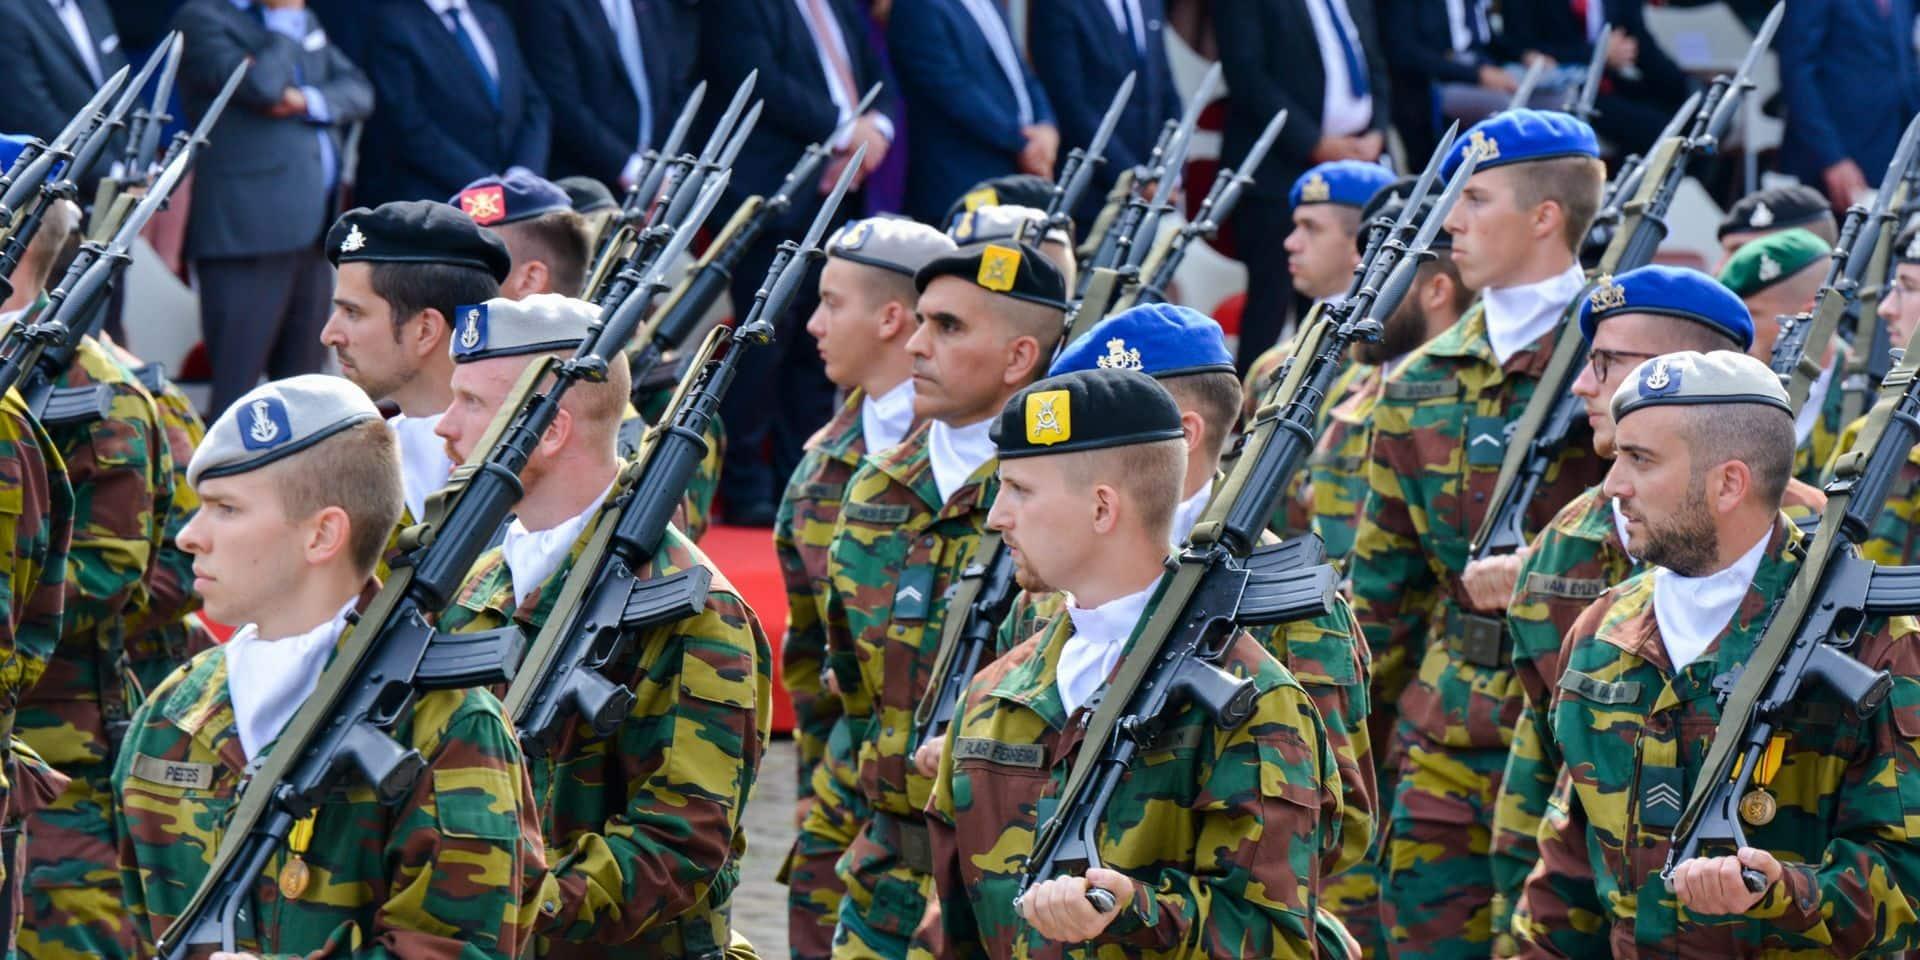 La Belgique est l'un des rares pays de l'OTAN où les dépenses militaires ont diminué depuis 2014